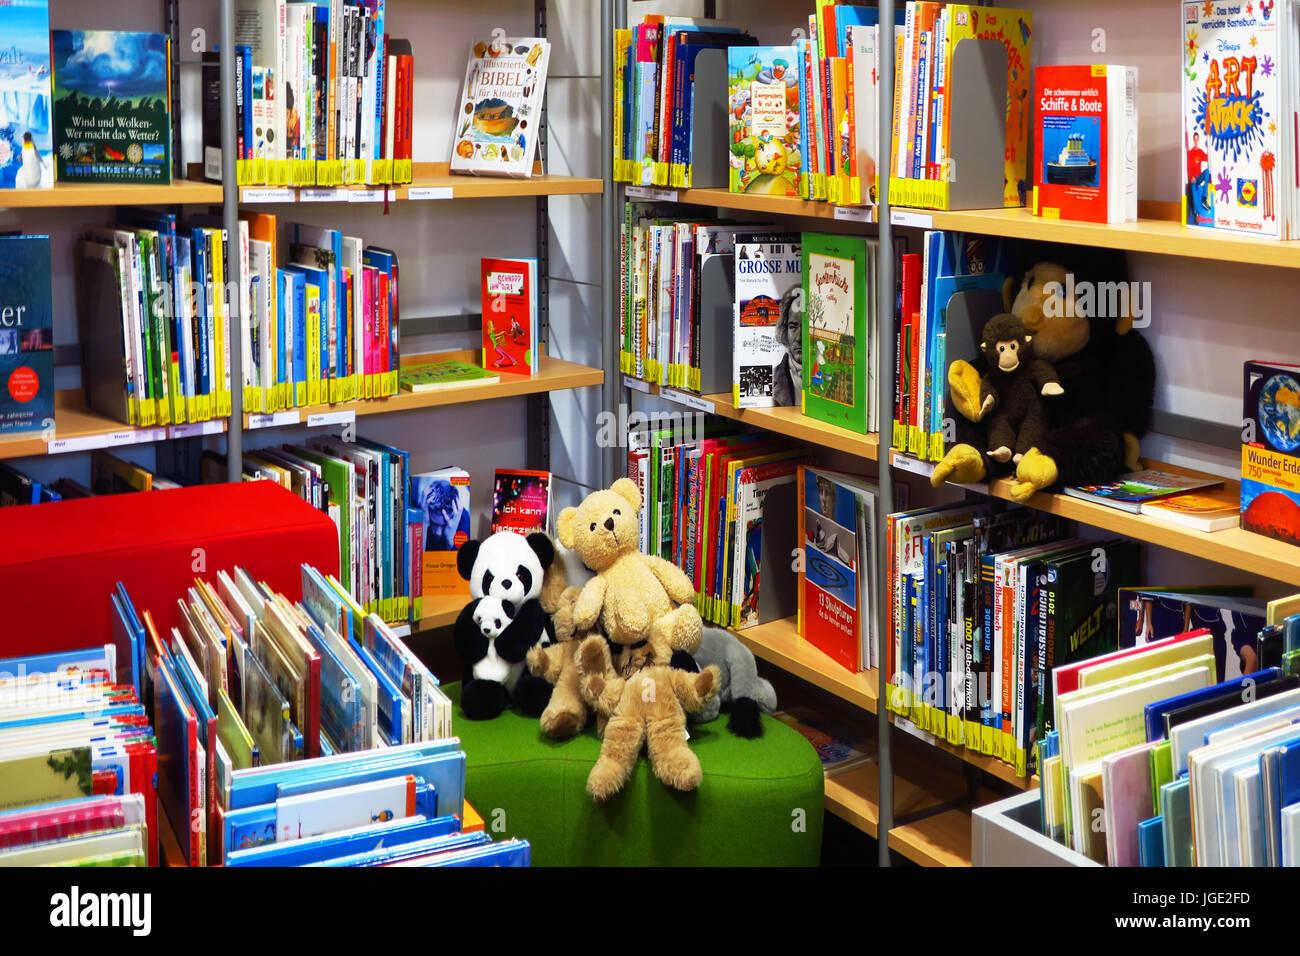 Bibliothek Bcherregal. Bcher Ber Bcherregale In Bibliothek With ...